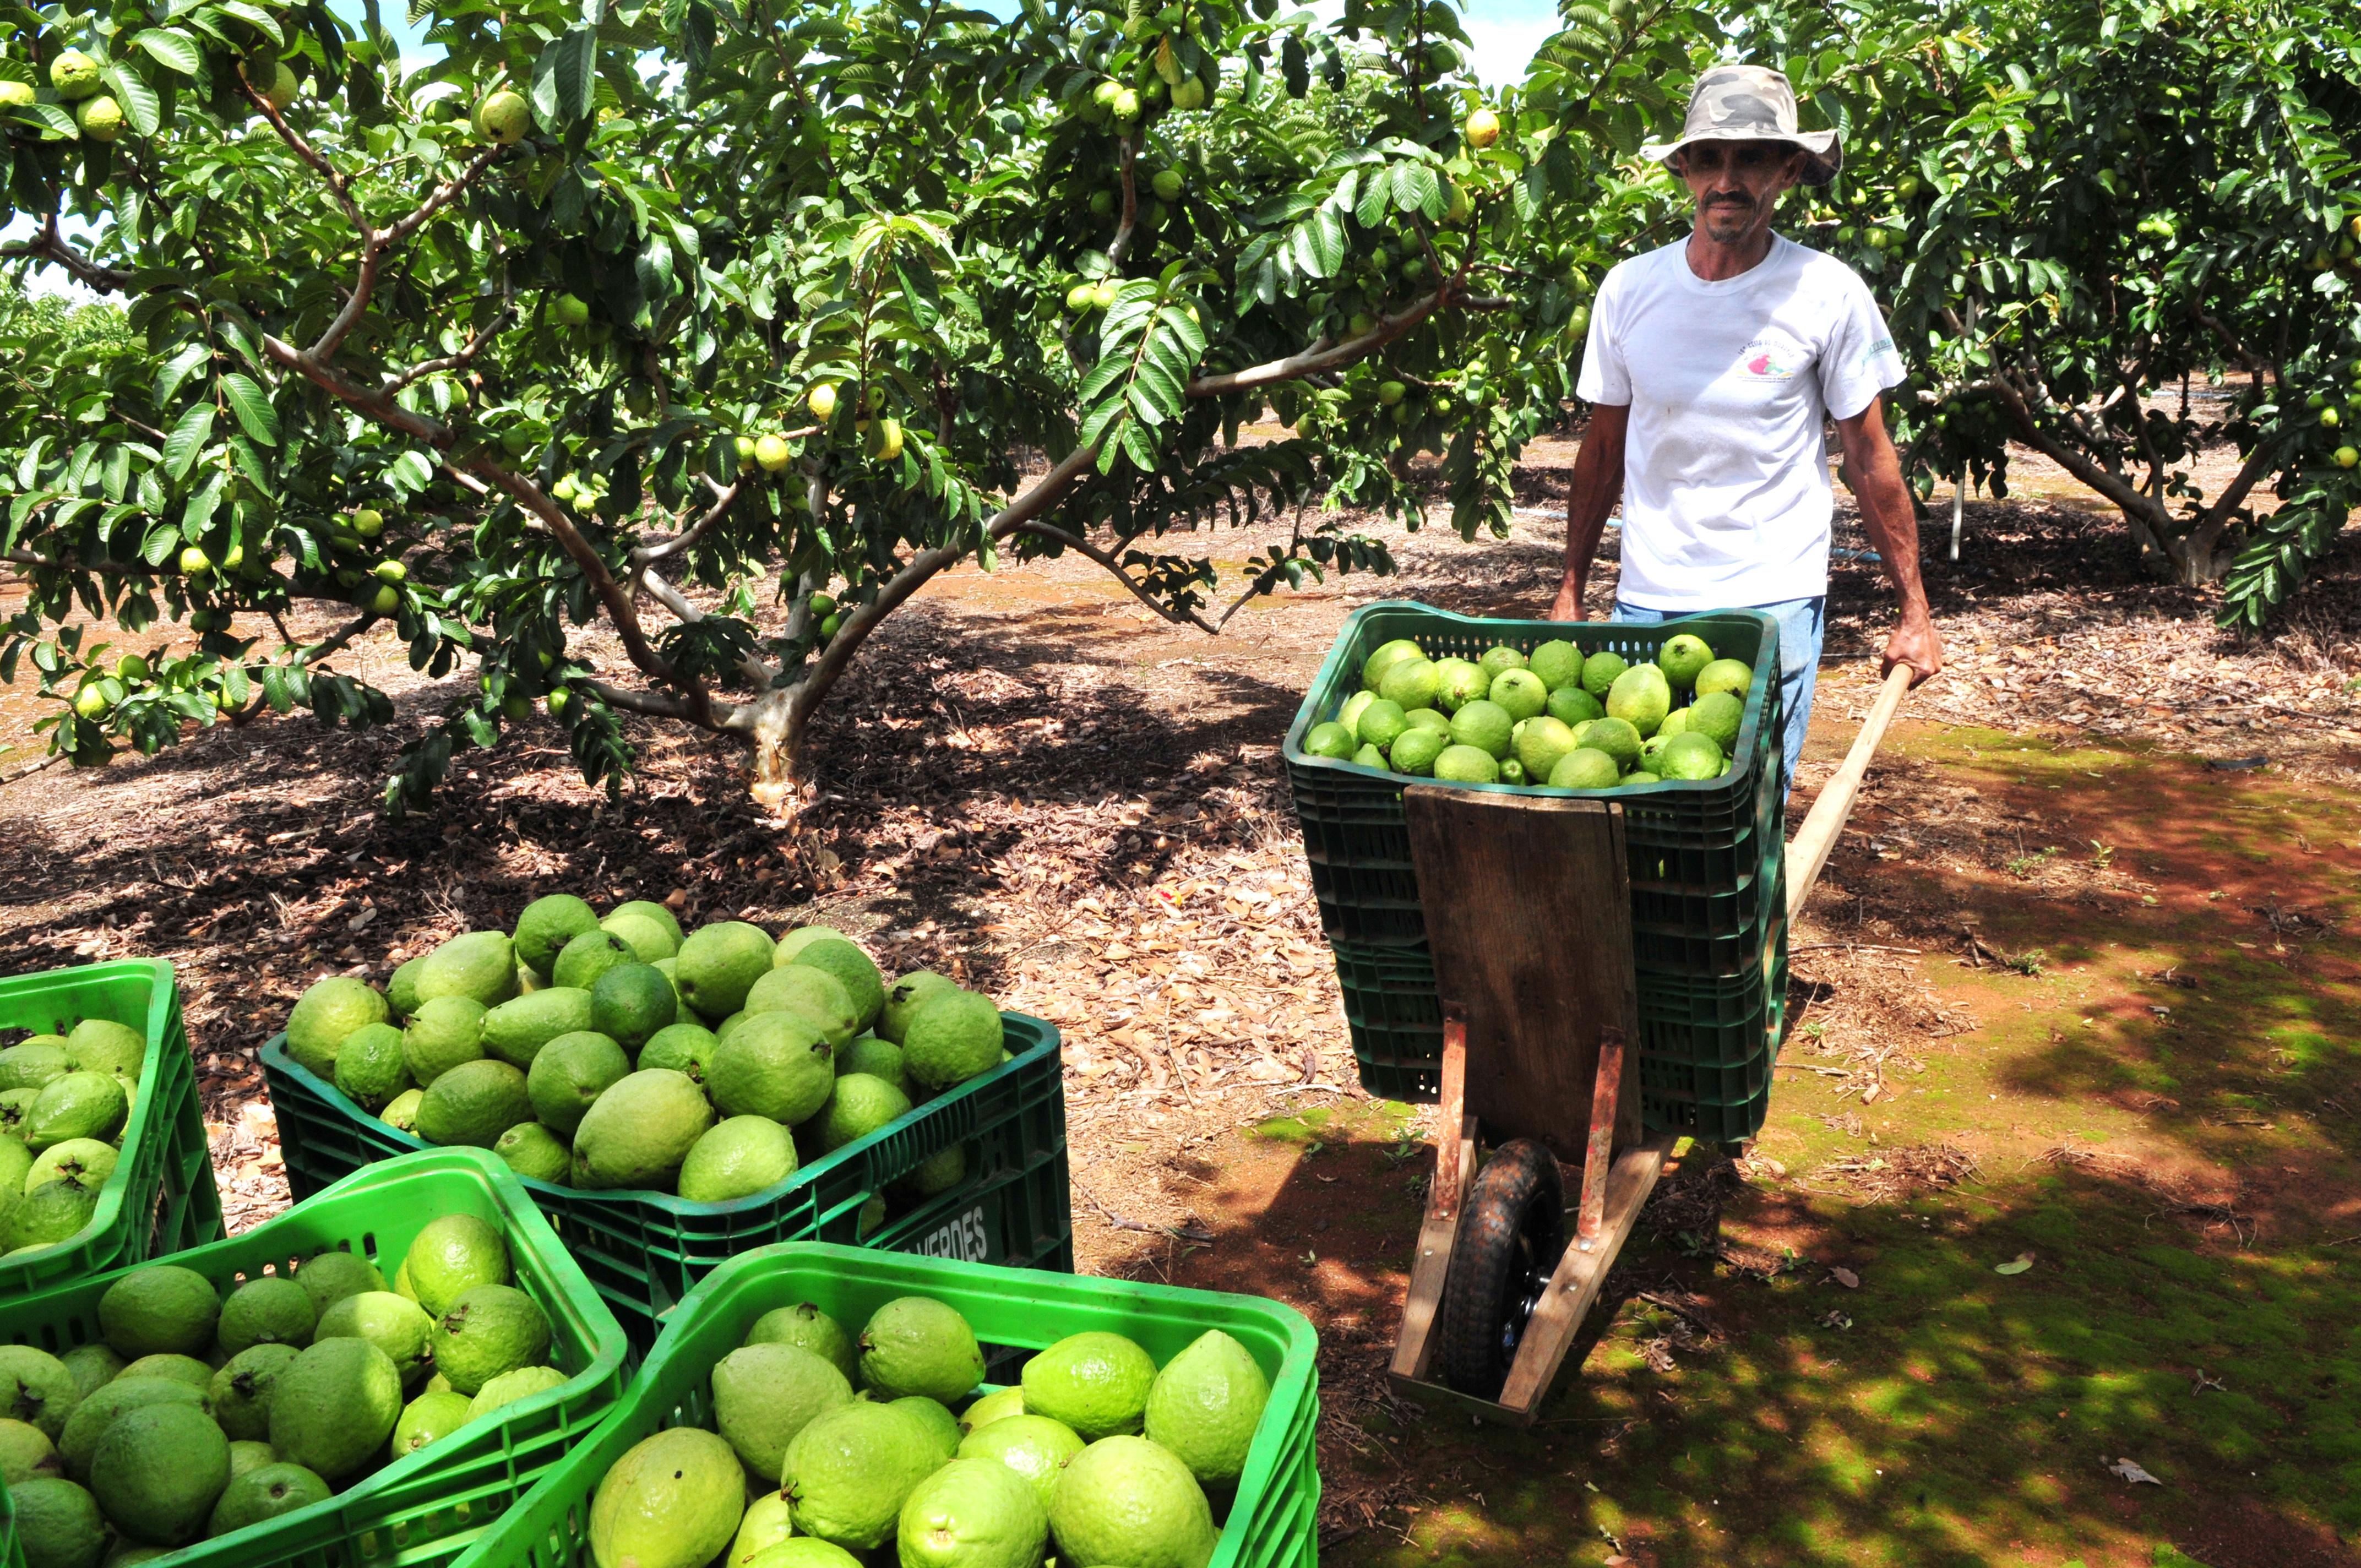 Regra geral exige cumulativamente idade mínima e tempo de contribuição para aposentadoria - agricultura - pequeno agricultor - fruticultura - frutas - goiaba